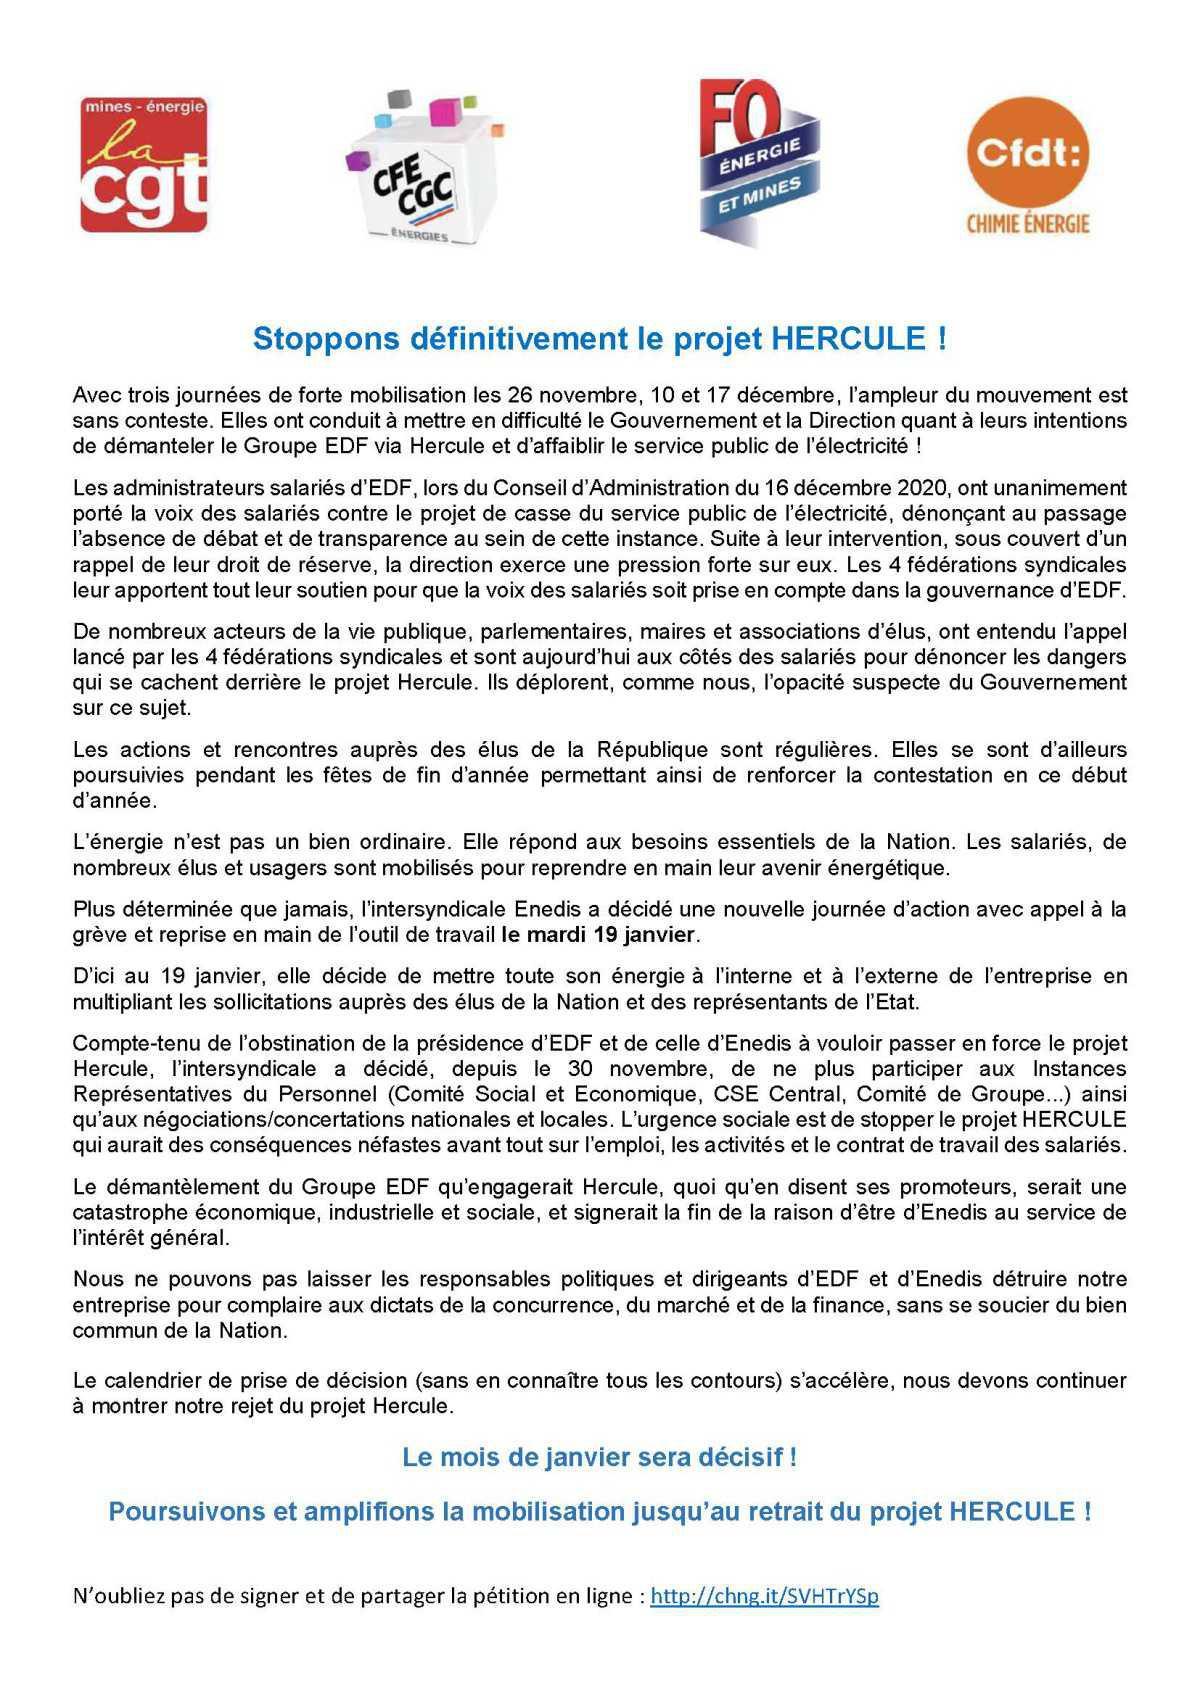 [Appel interfédérale] Groupe EDF contre Hercule